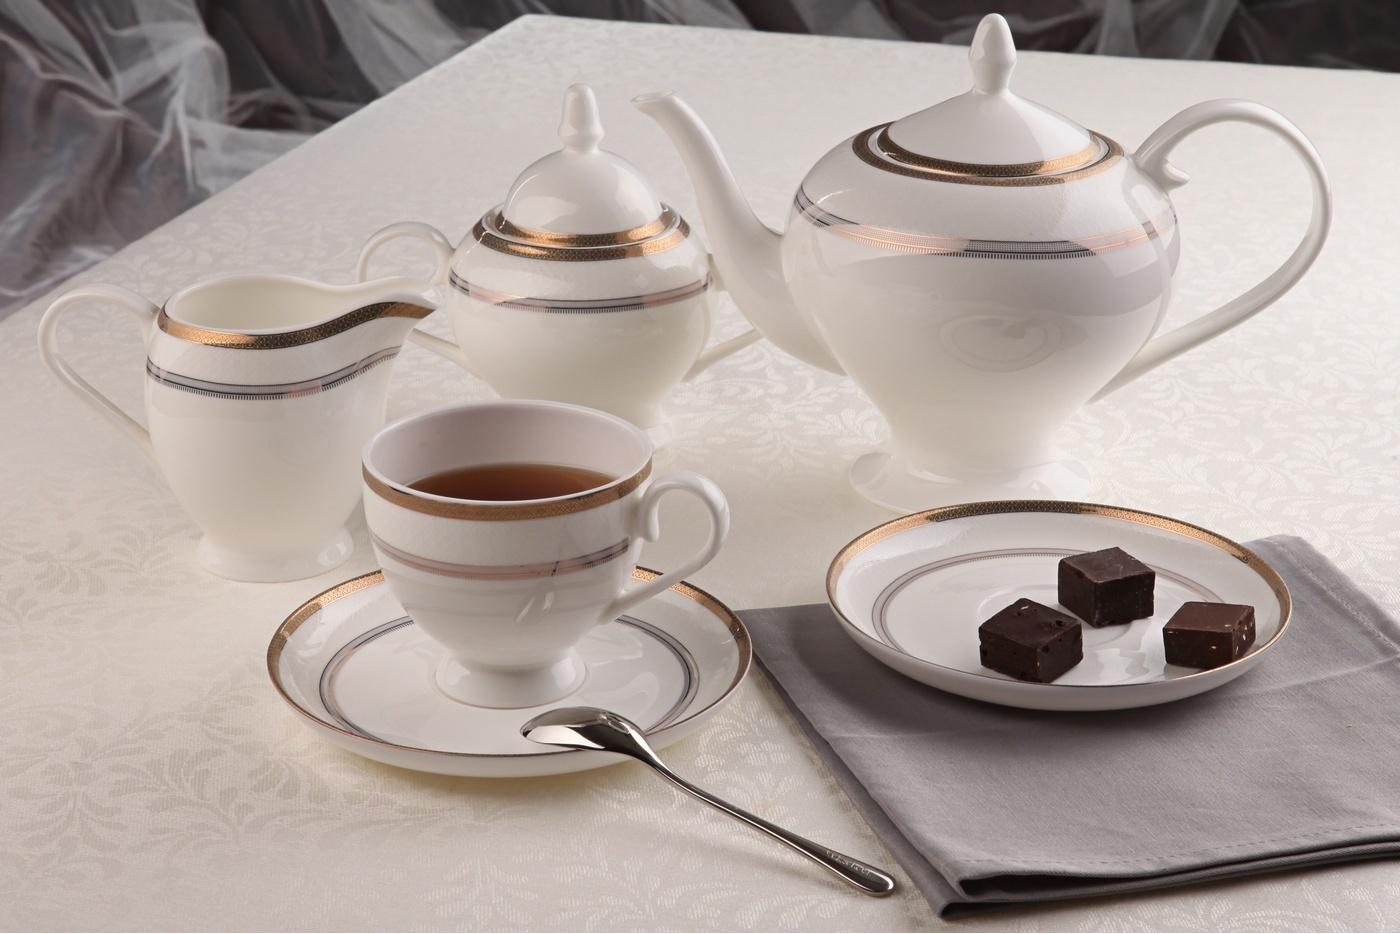 Чайный сервиз Royal Aurel Консул арт.103, 15 предметовЧайные сервизы<br>Чайныйсервиз Royal Aurel Консул арт.103, 15предметов<br><br><br><br><br><br><br><br><br><br><br><br>Чашка 270 мл,6 шт.<br>Блюдце 15 см,6 шт.<br>Чайник 1100 мл<br>Сахарница 370 мл<br><br><br><br><br><br><br><br><br>Молочник 300 мл<br><br><br><br><br><br><br><br><br>Производить посуду из фарфора начали в Китае на стыке 6-7 веков. Неустанно совершенствуя и селективно отбирая сырье для производства посуды из фарфора, мастерам удалось добиться выдающихся характеристик фарфора: белизны и тонкостенности. В XV веке появился особый интерес к китайской фарфоровой посуде, так как в это время Европе возникла мода на самобытные китайские вещи. Роскошный китайский фарфор являлся изыском и был в новинку, поэтому он выступал в качестве подарка королям, а также знатным людям. Такой дорогой подарок был очень престижен и по праву являлся элитной посудой. Как известно из многочисленных исторических документов, в Европе китайские изделия из фарфора ценились практически как золото. <br>Проверка изделий из костяного фарфора на подлинность <br>По сравнению с производством других видов фарфора процесс производства изделий из настоящего костяного фарфора сложен и весьма длителен. Посуда из изящного фарфора - это элитная посуда, которая всегда ассоциируется с богатством, величием и благородством. Несмотря на небольшую толщину, фарфоровая посуда - это очень прочное изделие. Для демонстрации плотности и прочности фарфора можно легко коснуться предметов посуды из фарфора деревянной палочкой, и тогда мы услушим характерный металлический звон. В составе фарфоровой посуды присутствует костяная зола, благодаря чему она может быть намного тоньше (не более 2,5 мм) и легче твердого или мягкого фарфора. Безупречная белизна - ключевой признак отличия такого фарфора от других. Цвет обычного фарфора сероватый или ближе к голубоватому, а костяной фарфор будет всегда будет молочно-белого цвета. Характерная и немаловажная деталь - это нев